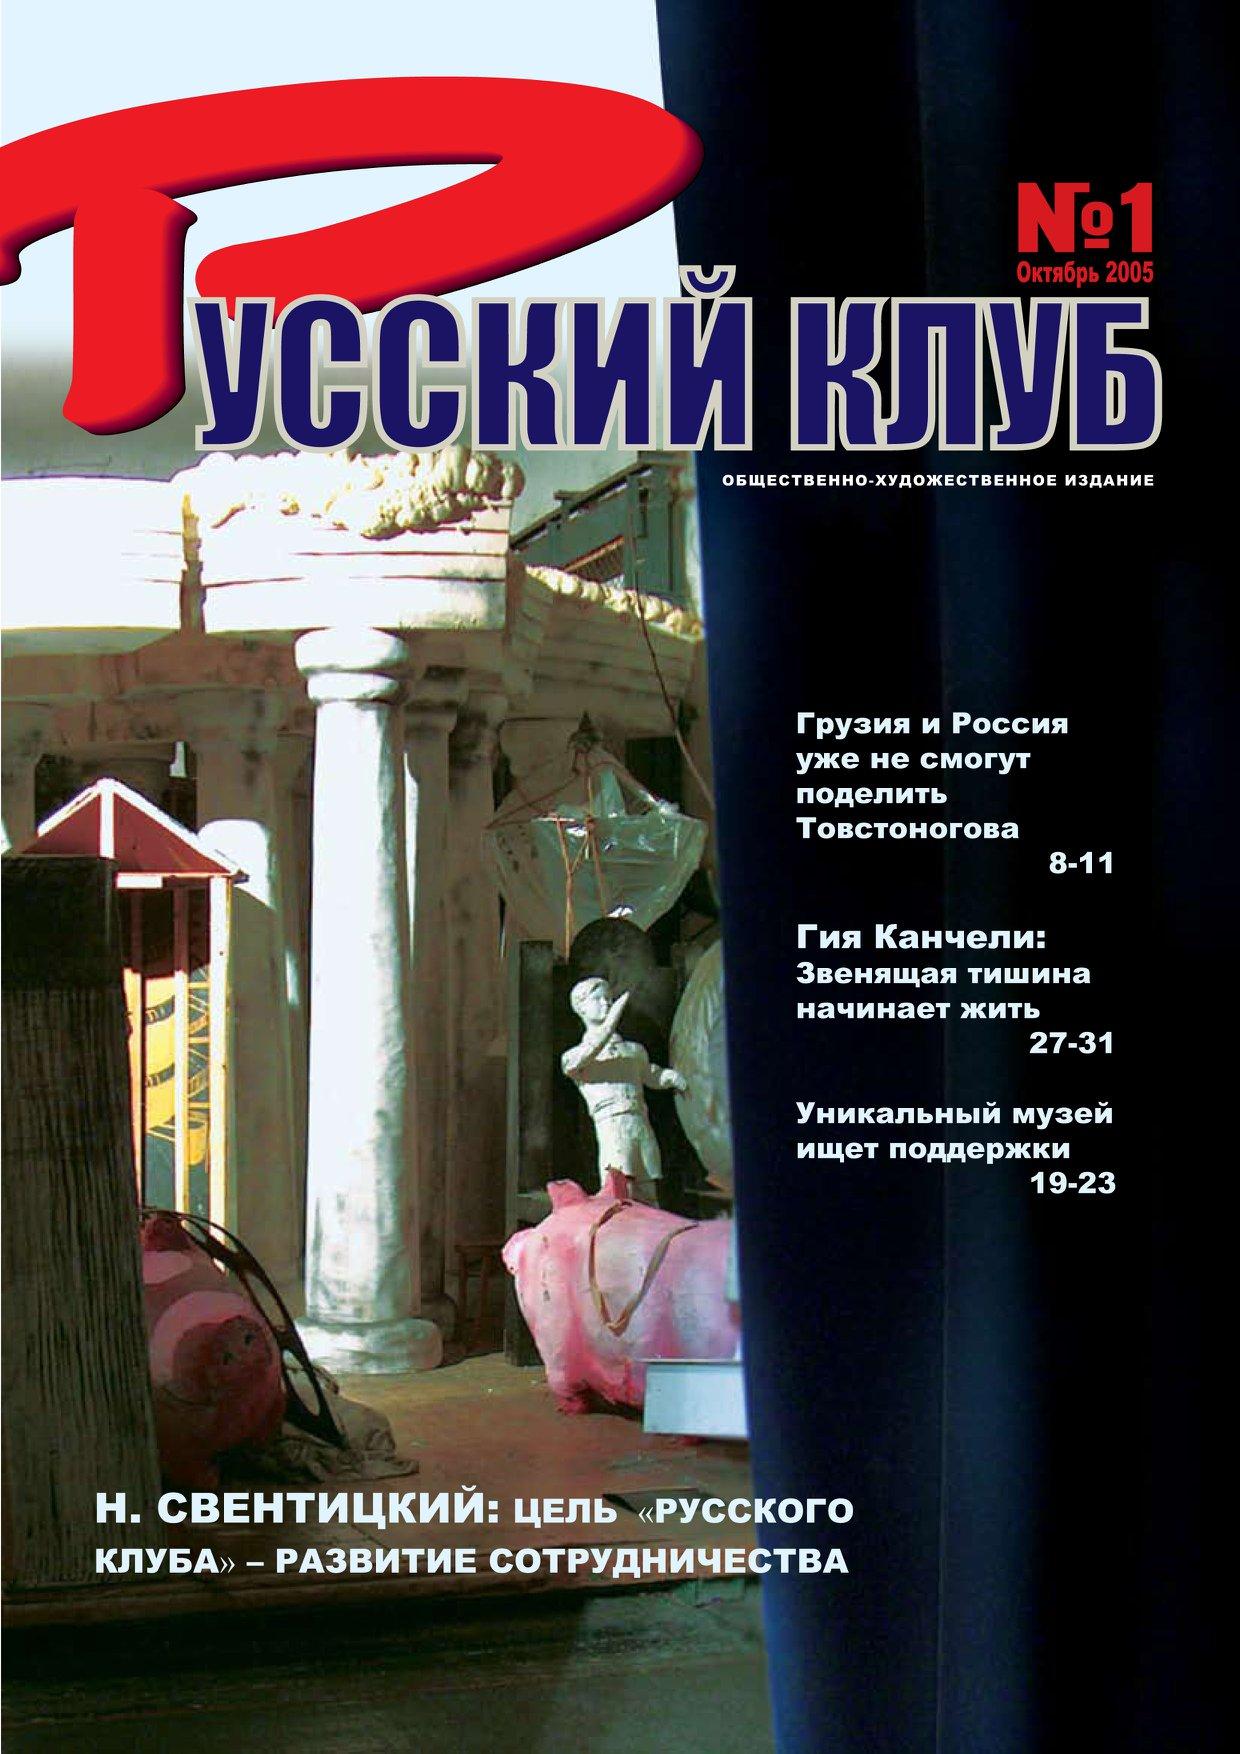 Журналу «РУССКИЙ КЛУБ» исполнилось 15 лет!